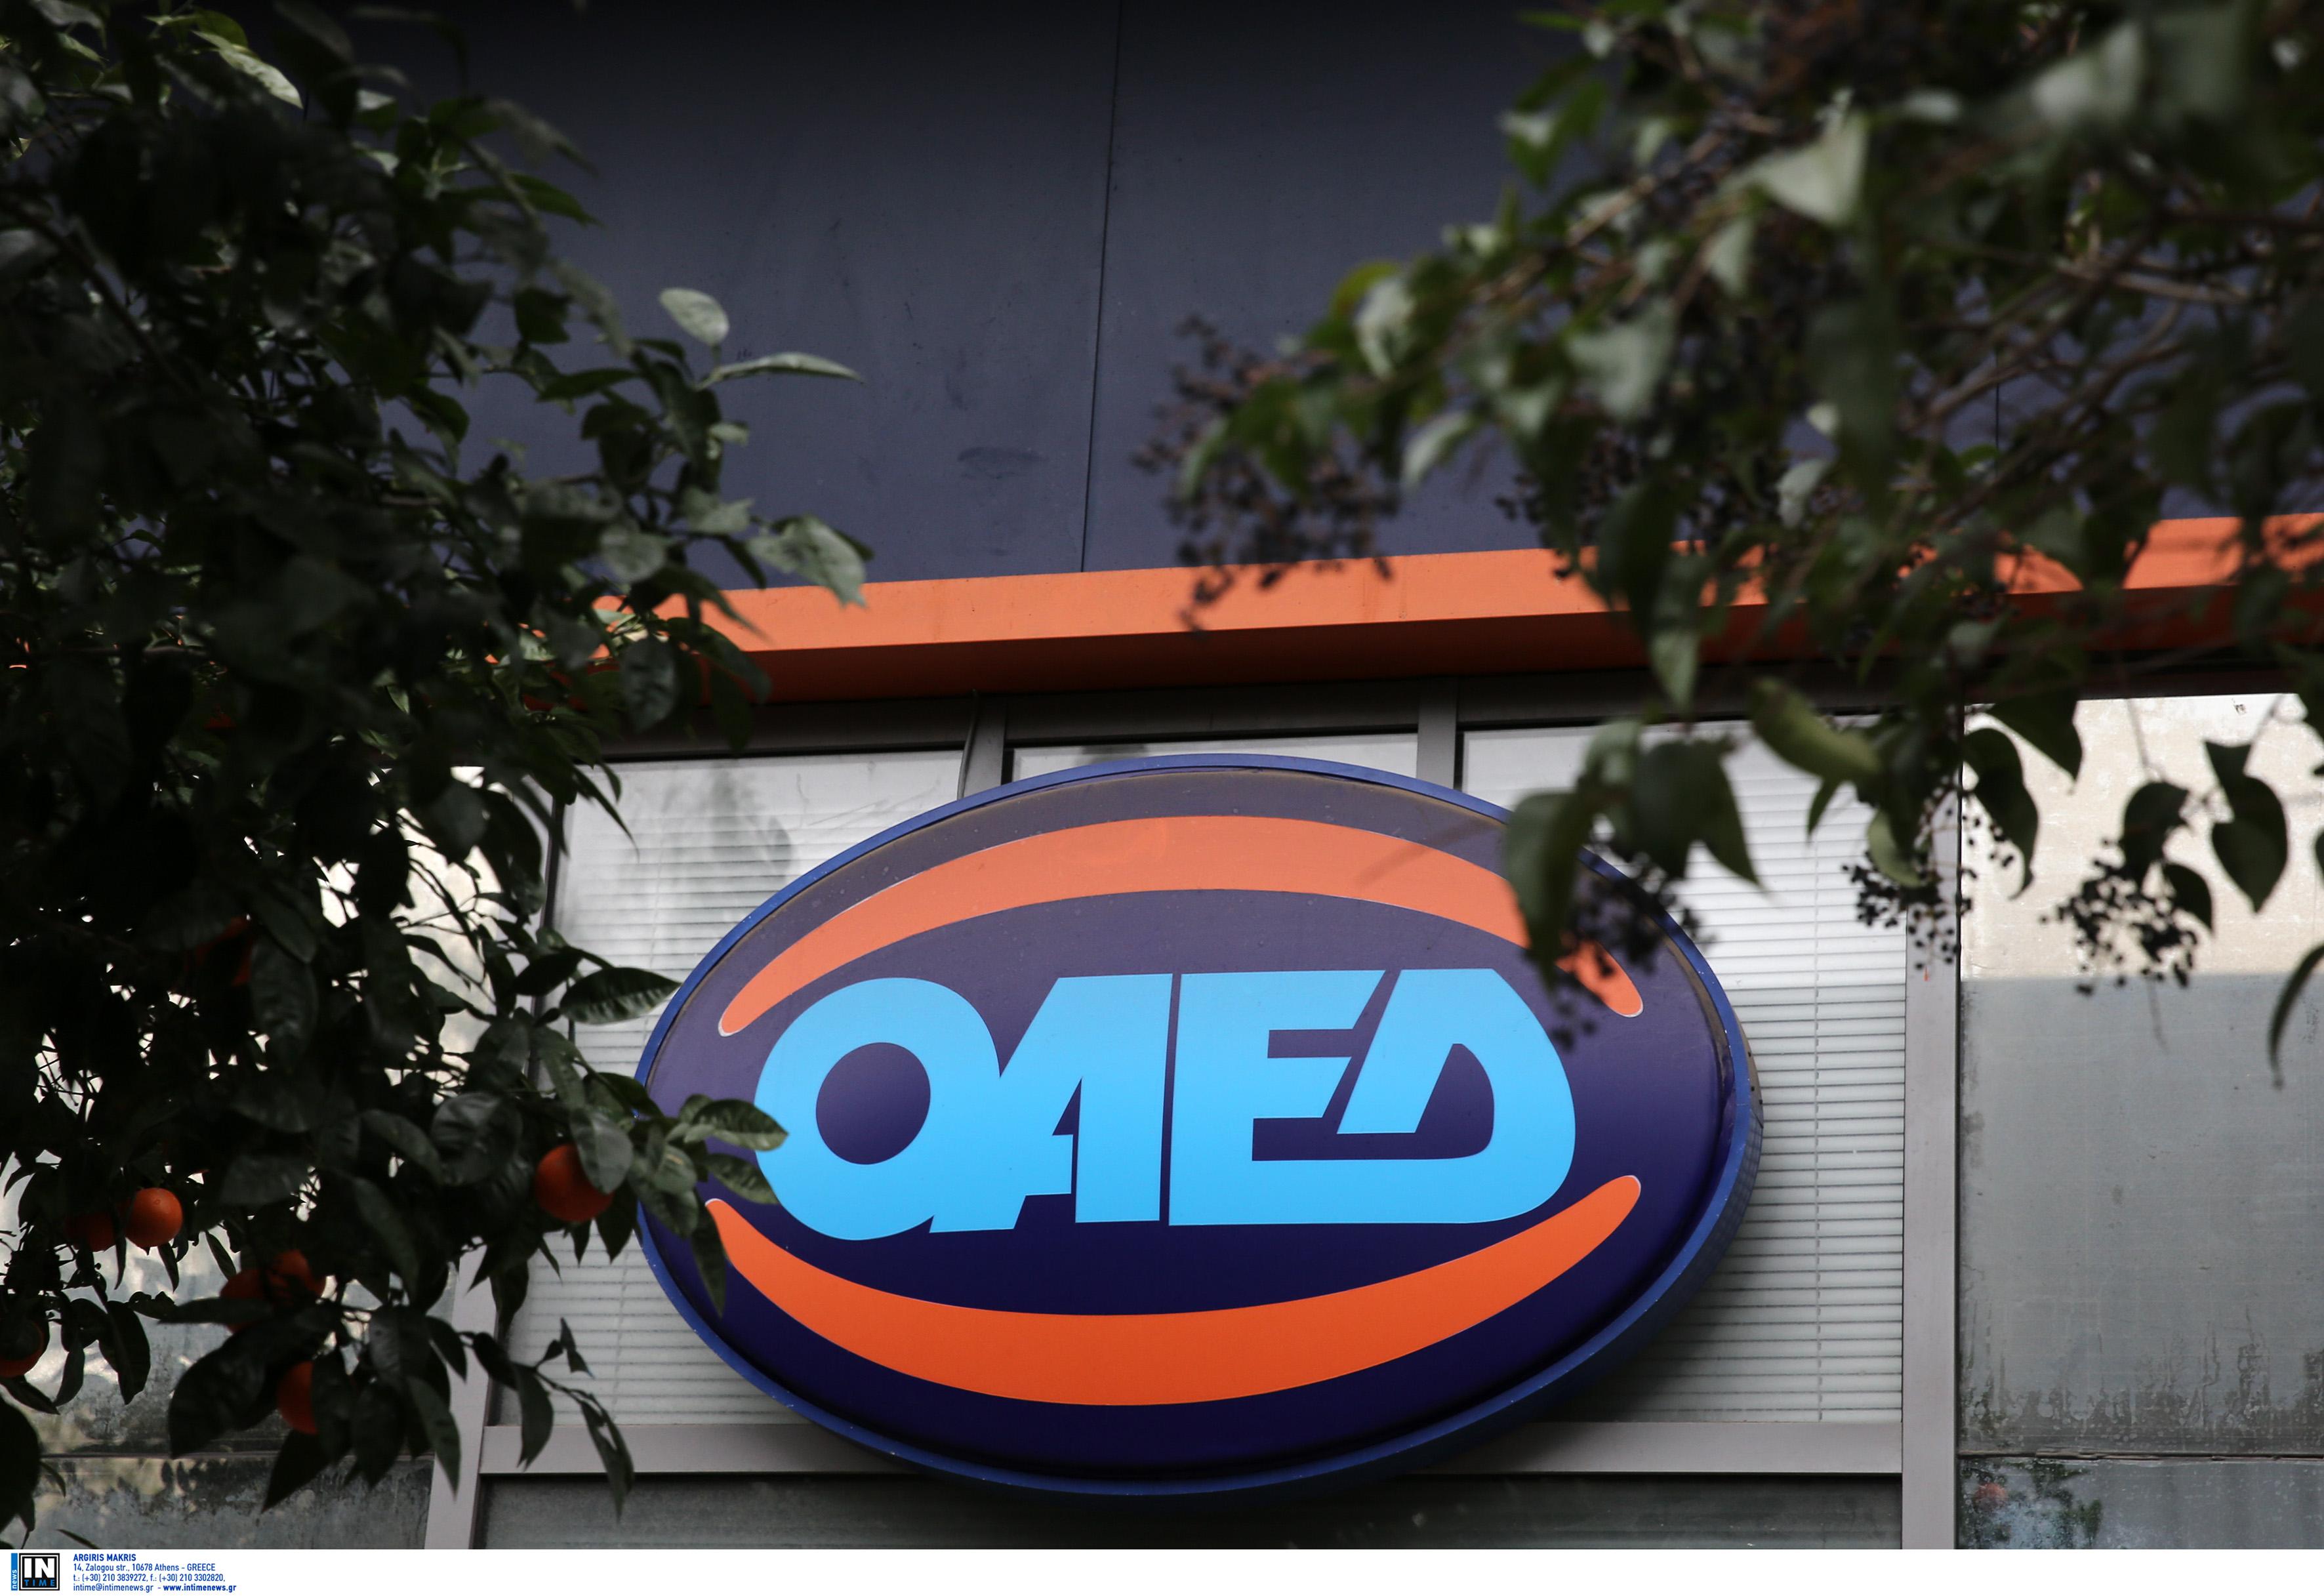 ΟΑΕΔ: Παραχώρηση χρήσης 40 ακινήτων στο Δημόσιο